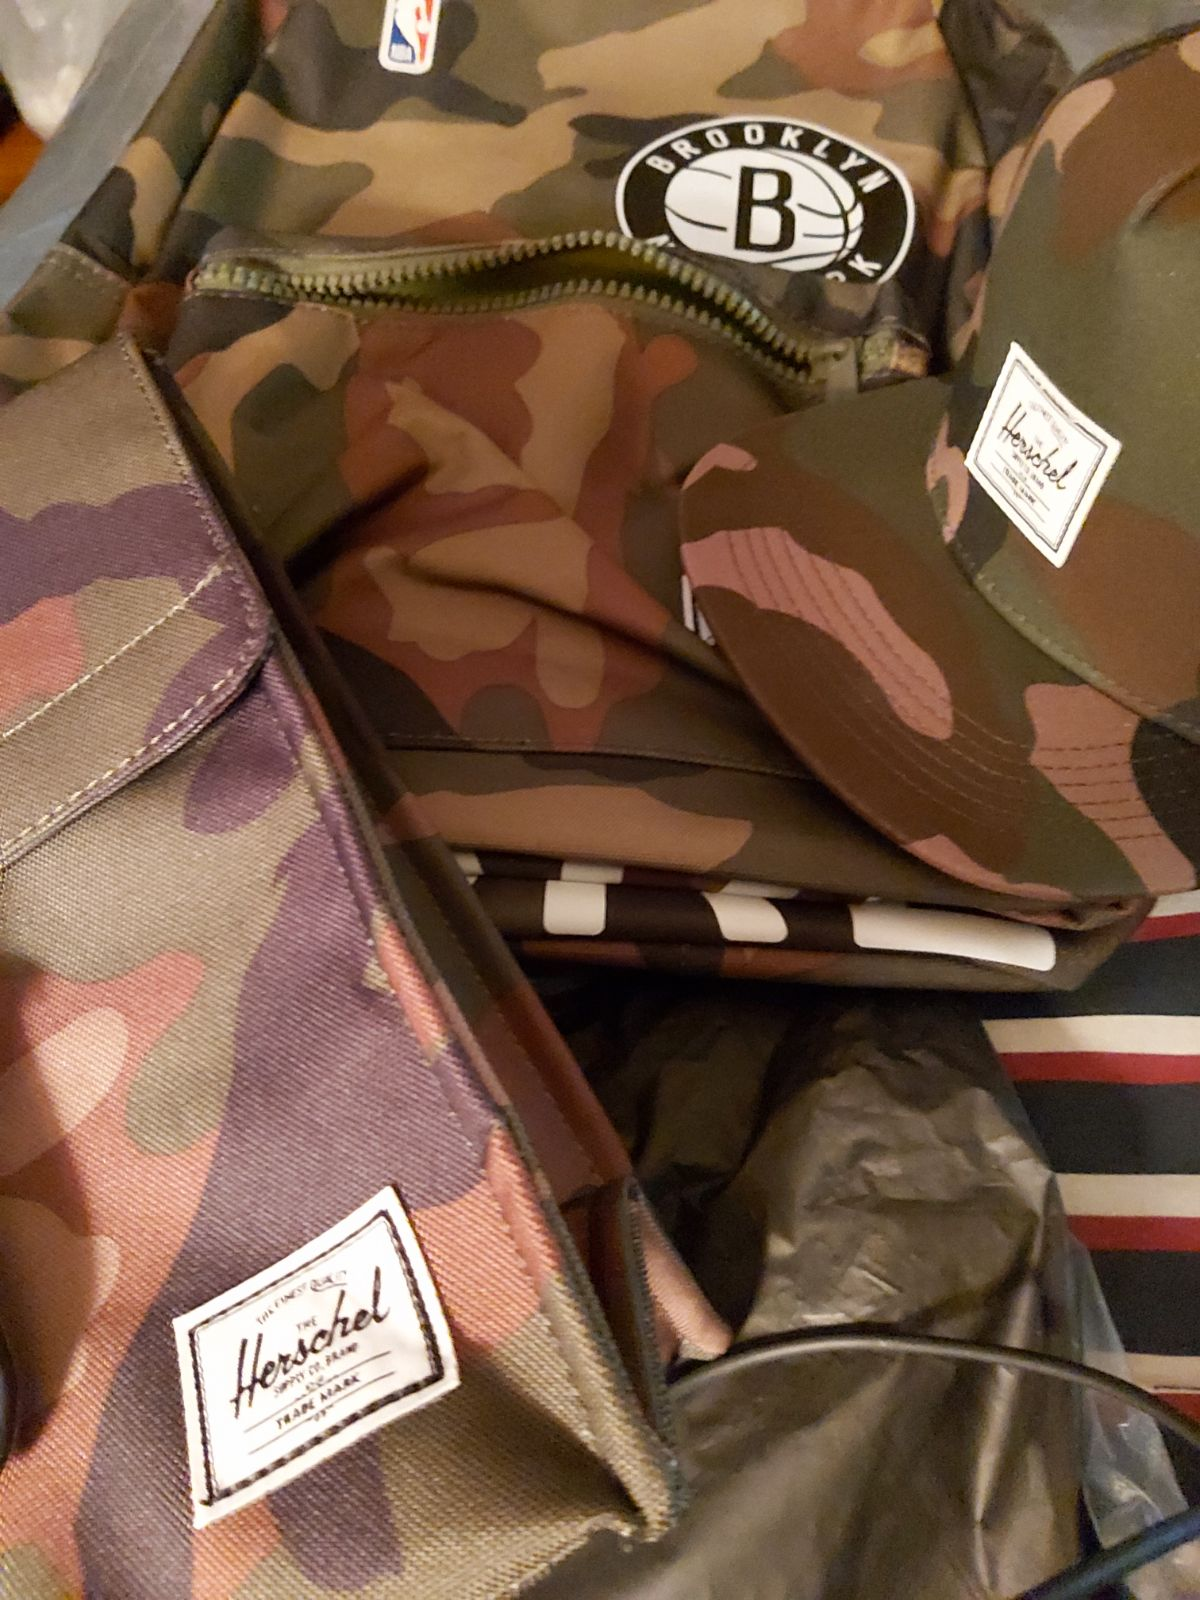 BAGS AND BASEBALL CAP